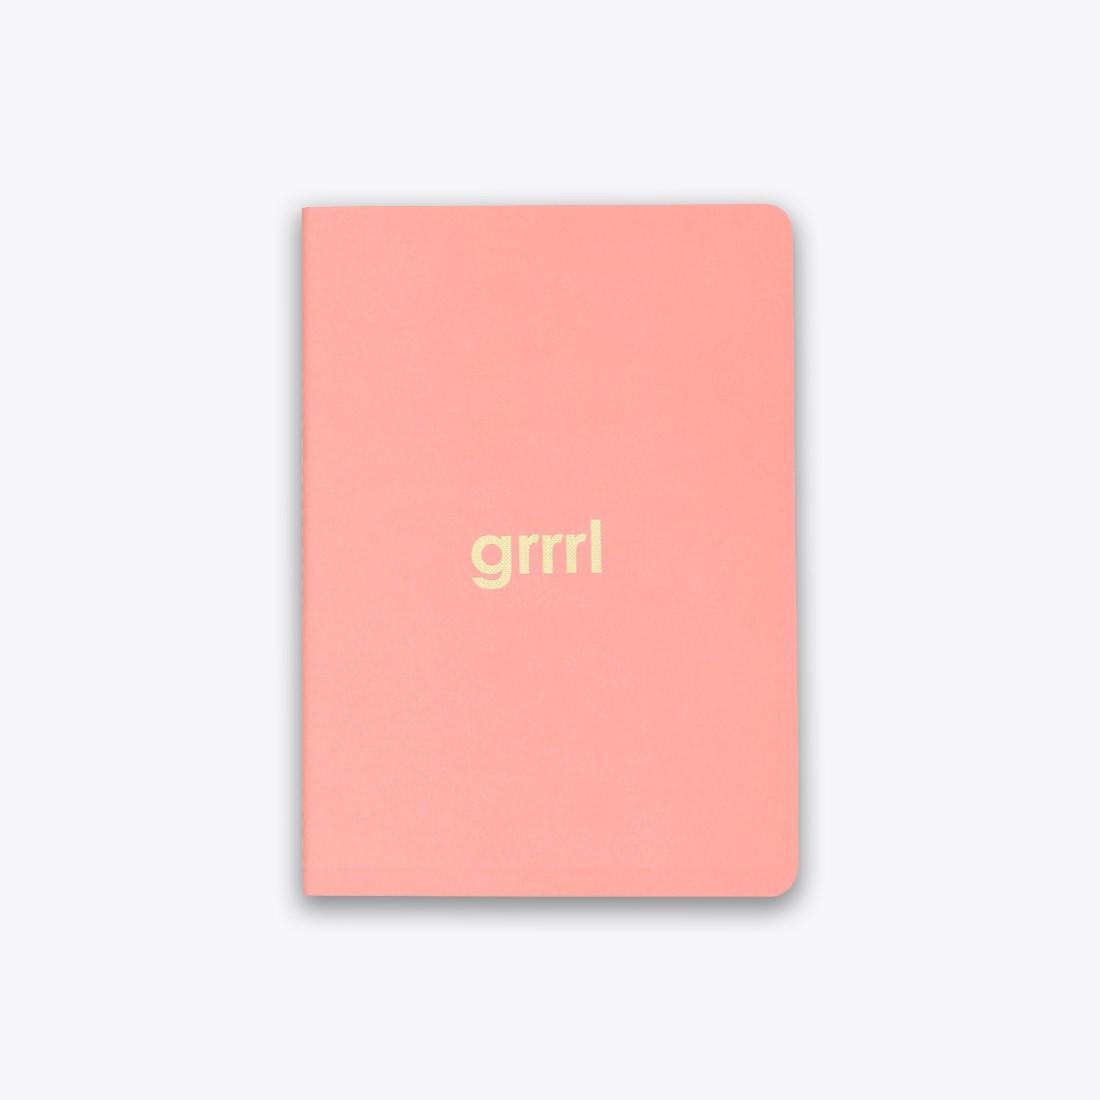 Grrrl Saddle Stitch Notebook by Ashley Mary